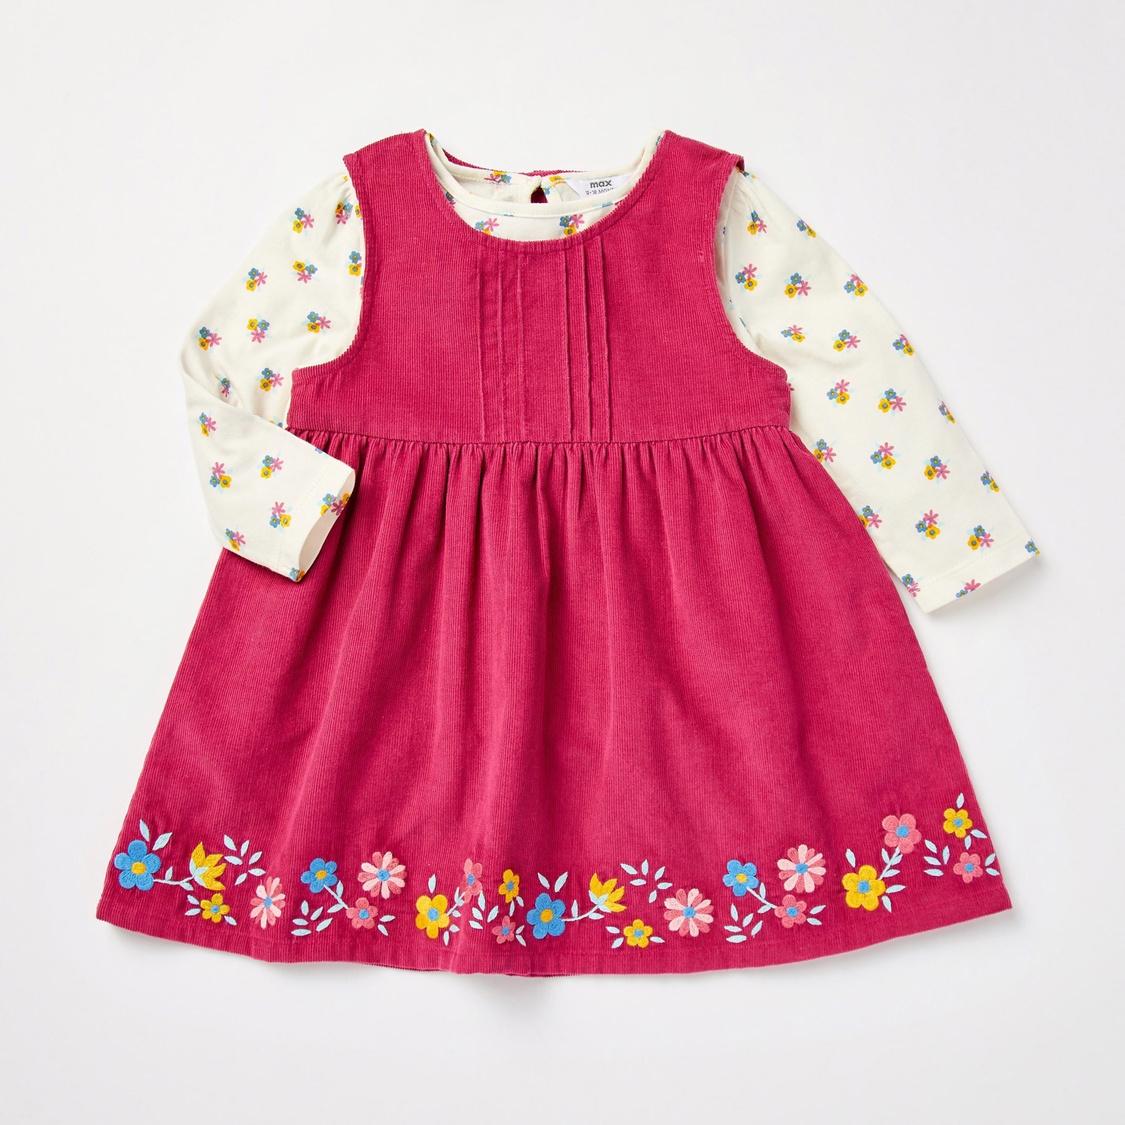 Floral Print Pinafore Dress and Long Sleeves T-shirt Set